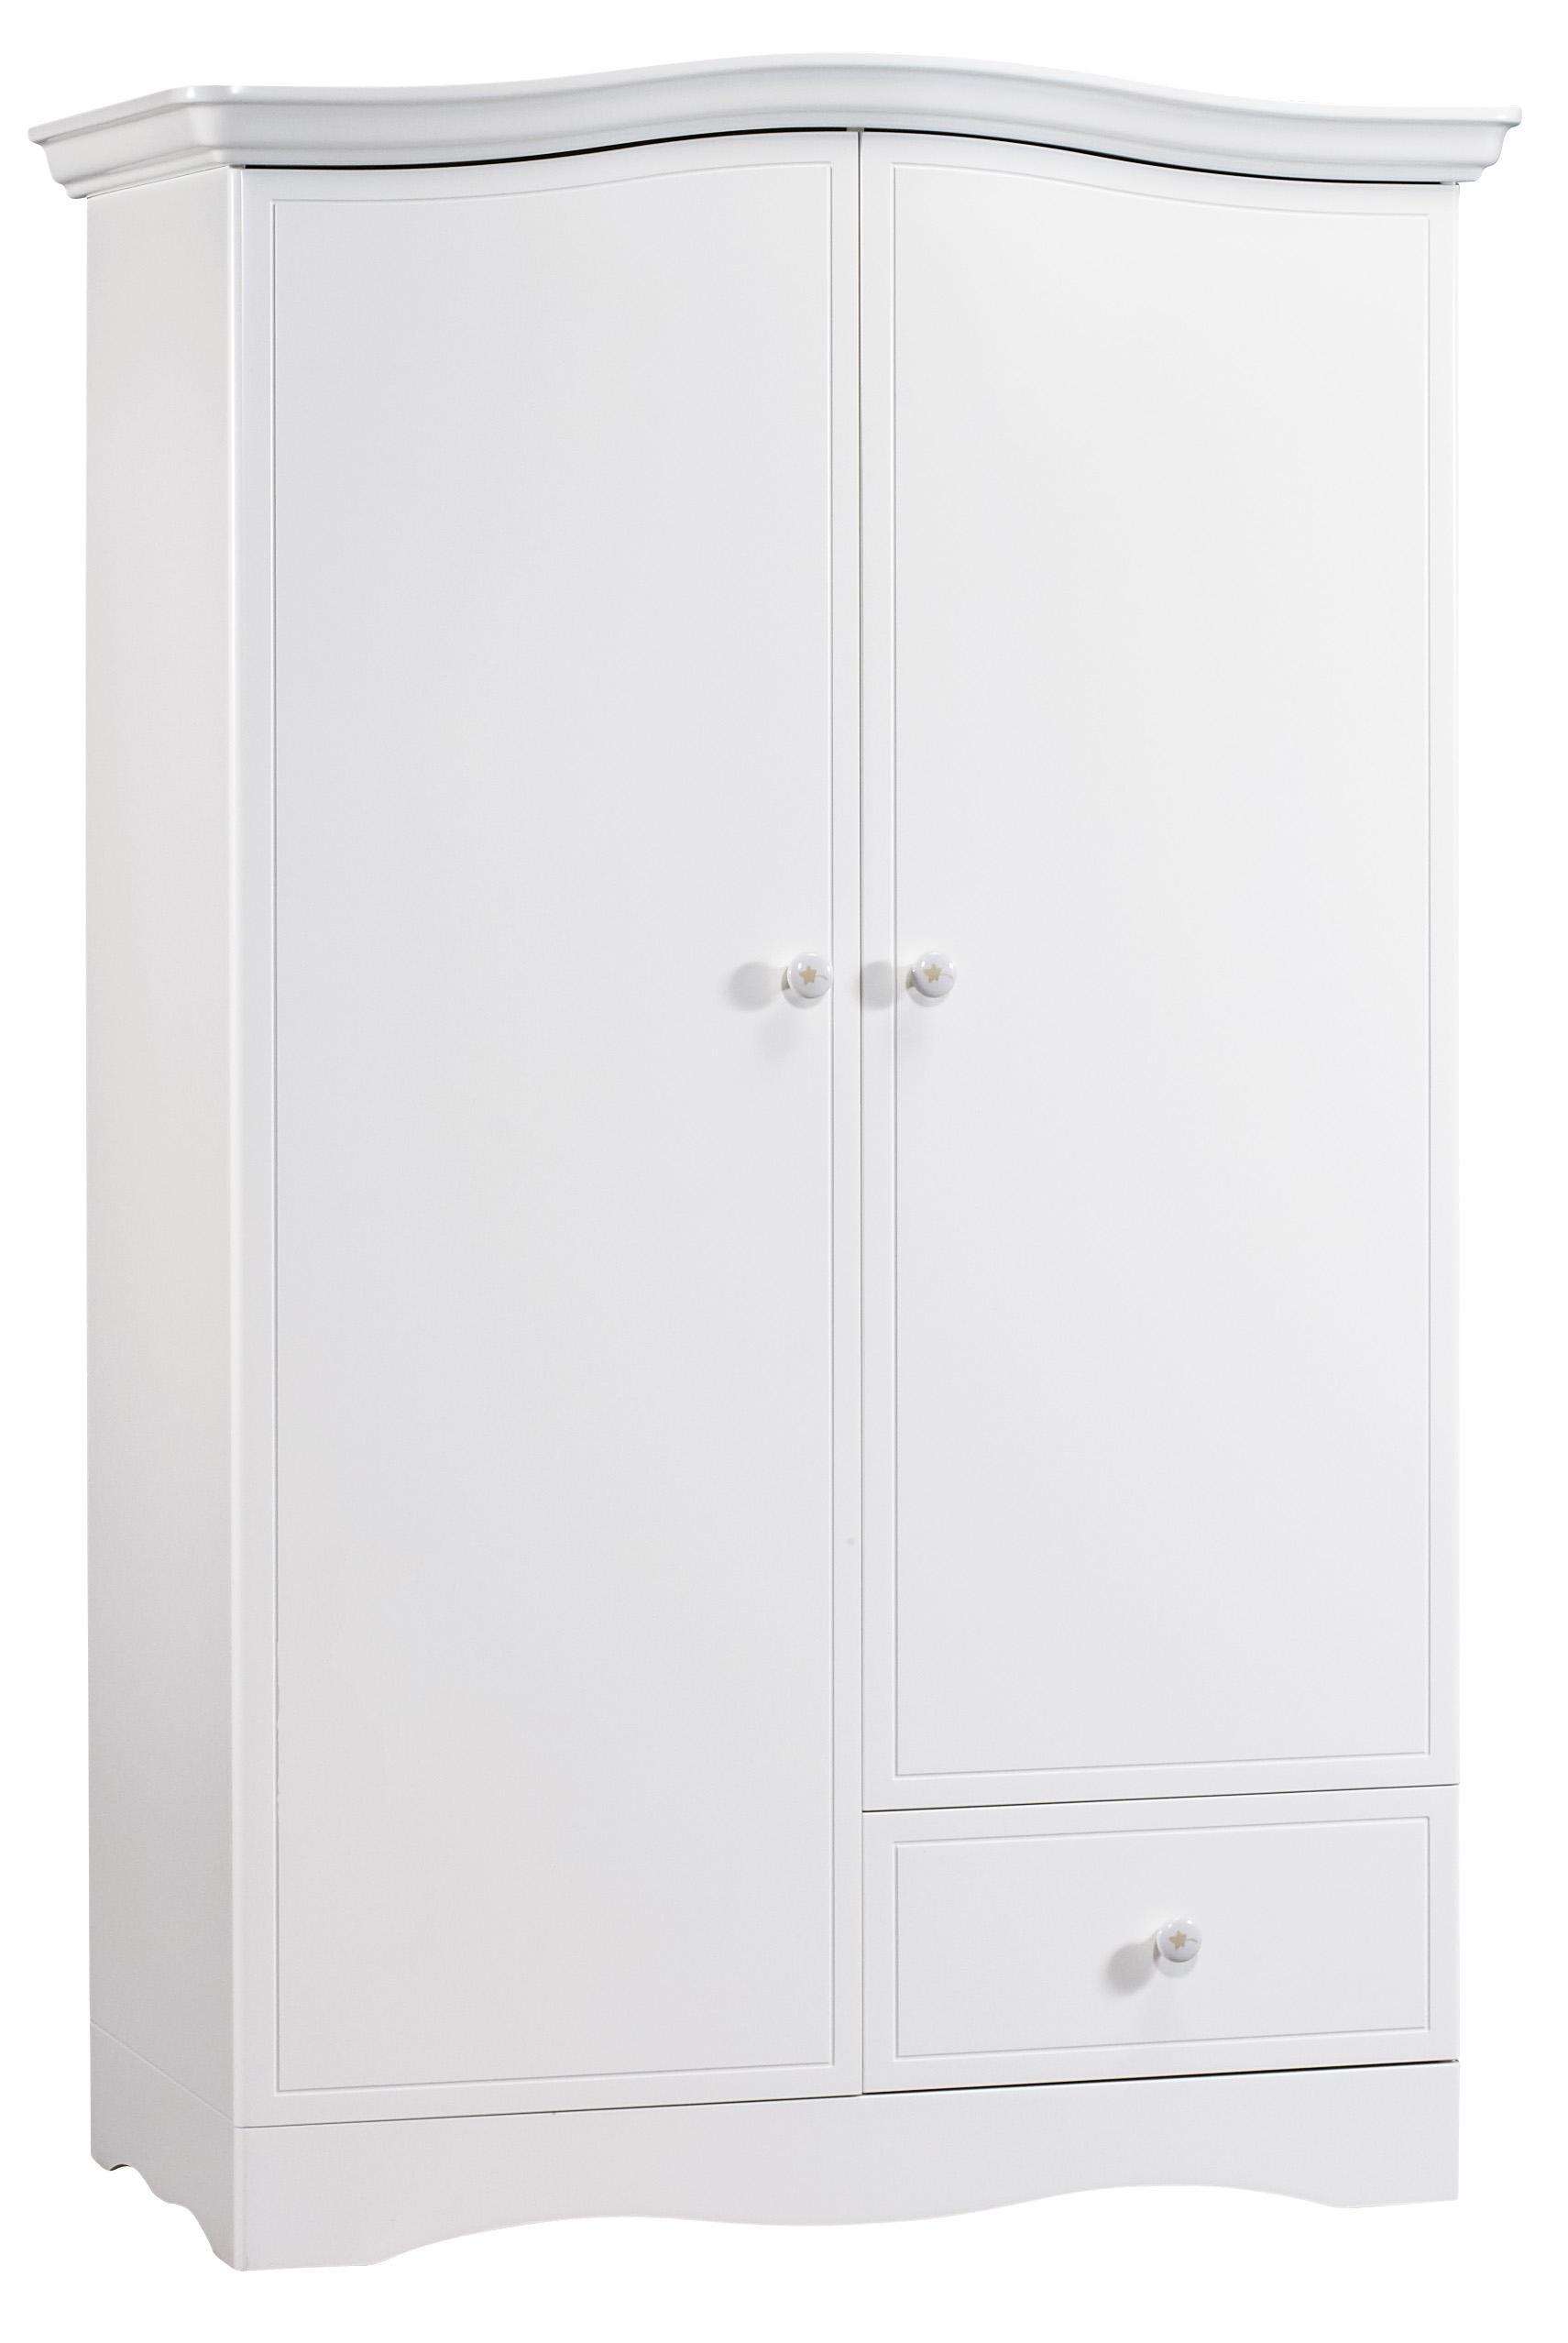 Armoire 2 portes Folio Blanc Sauthon LesTendances